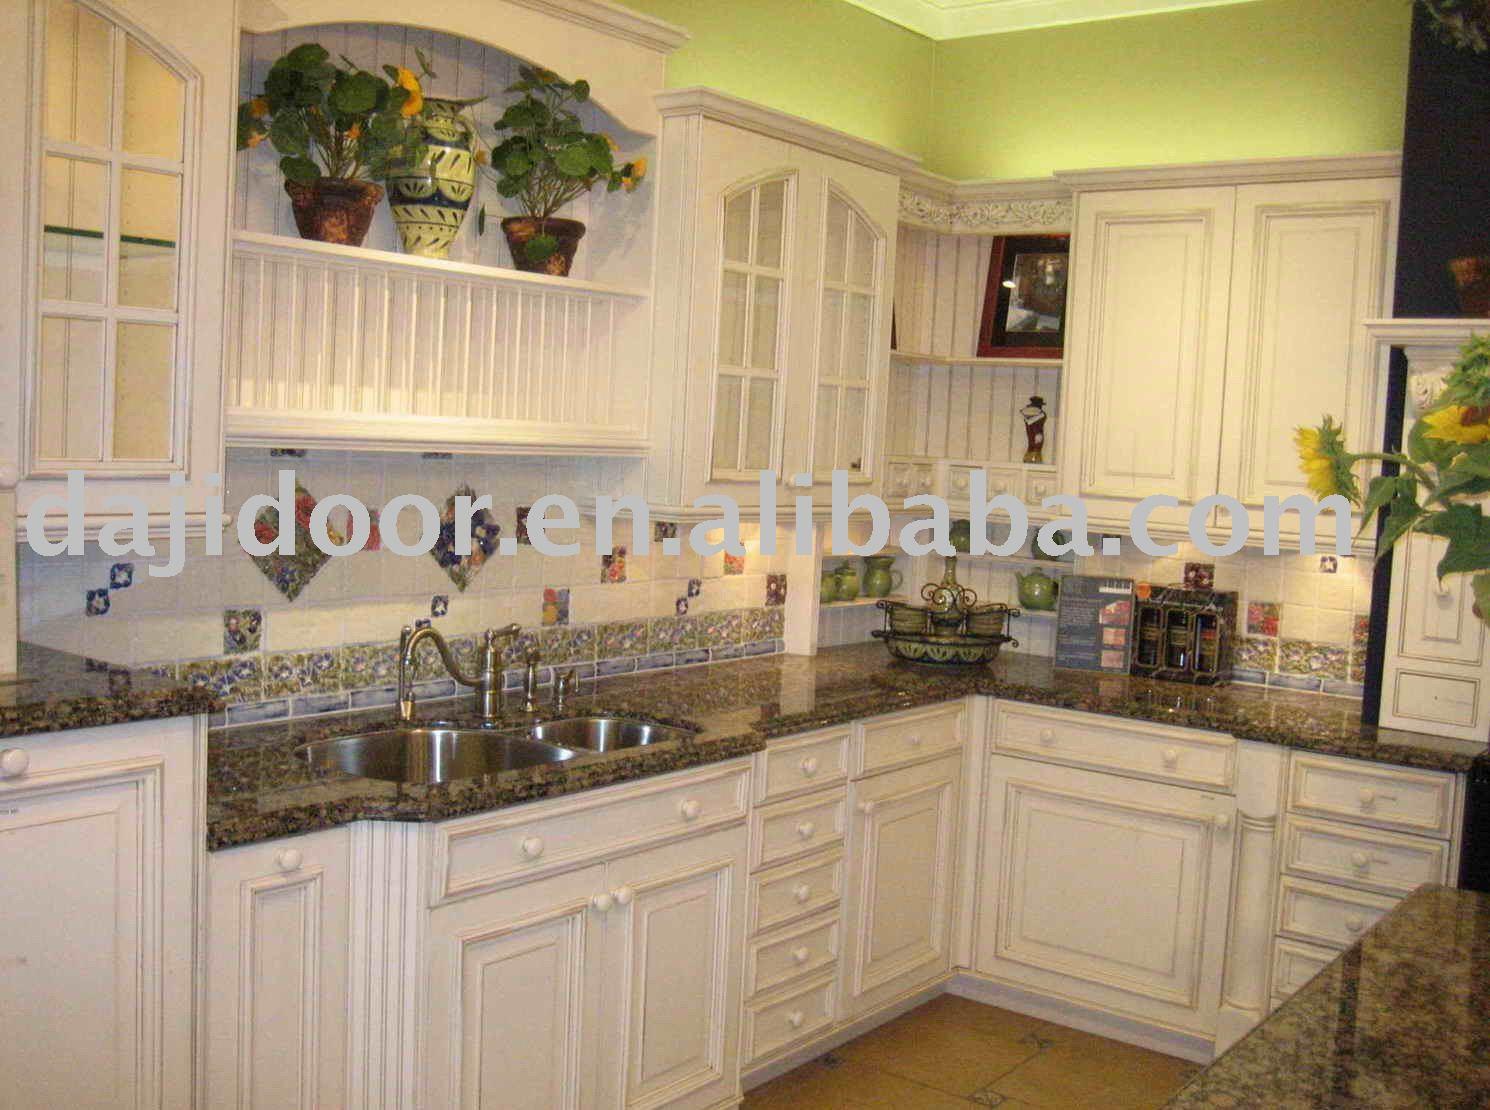 Les concepteurs artistiques armoires de cuisine en bois - Peindre des armoires en bois ...